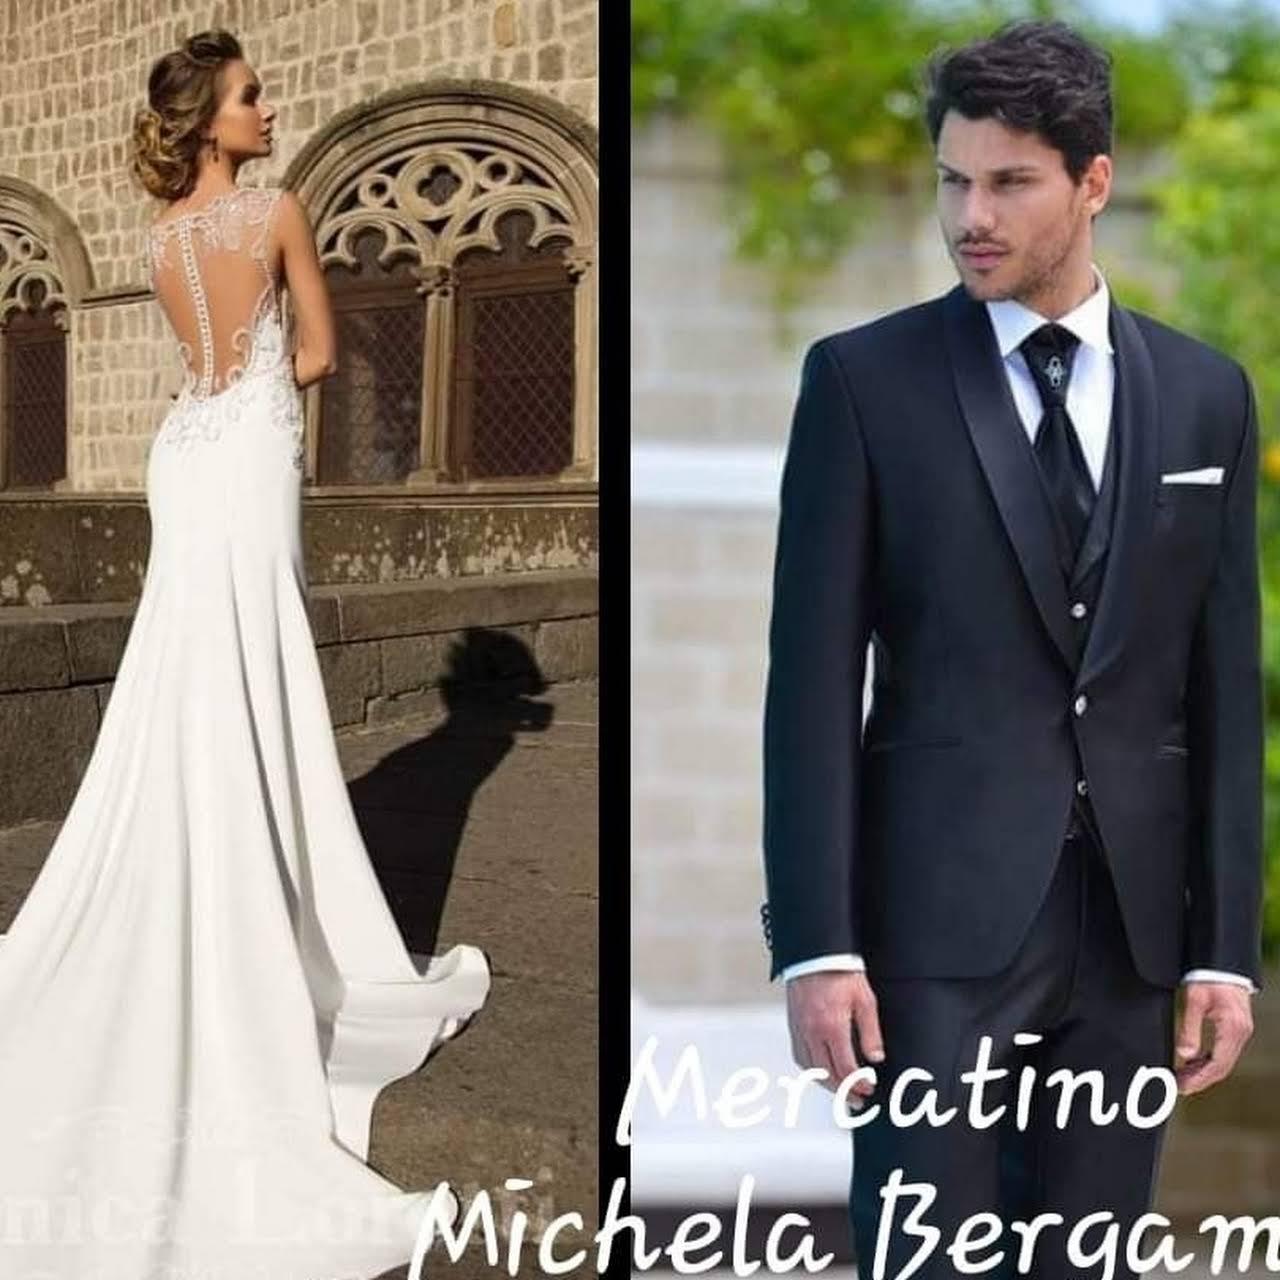 f8844bb71ed4 MERCATINO MICHELA BERGAMO  ABITO DA SPOSA  PRONOVIAS EX NEW ( USATI ...  Aggiornamenti